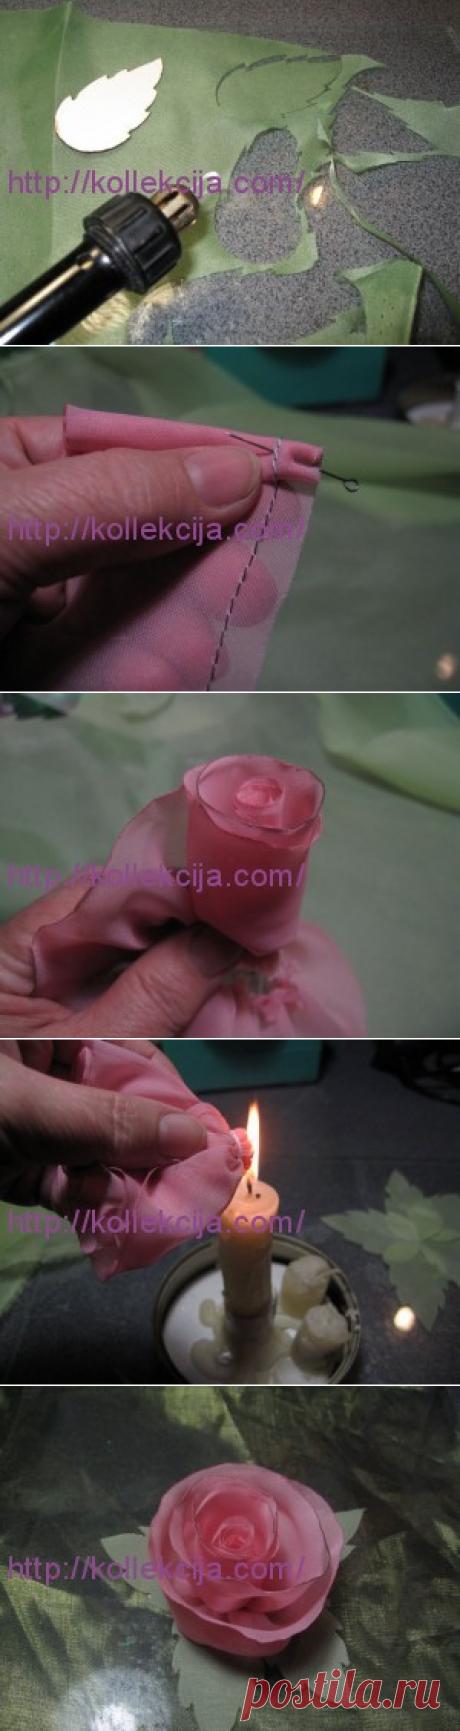 Мастер-класс «Изготовление цветов из ткани». Автор Надежда Бандурина.   Своими руками — интернет журнал